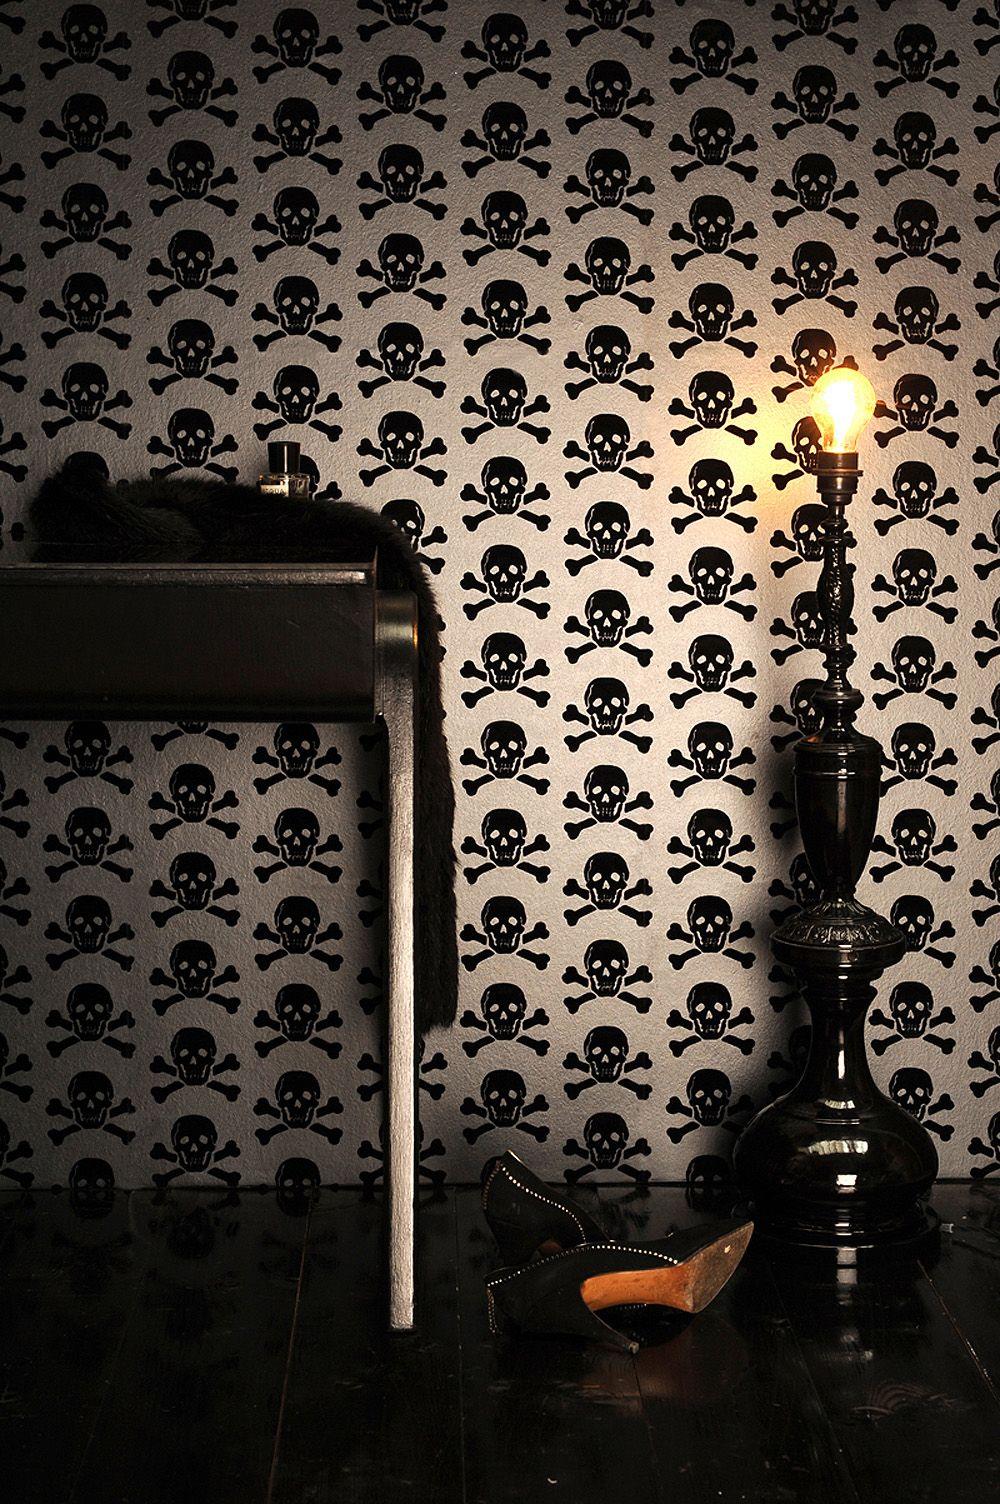 Skull Wallpaper For Bedroom Skulls Wallpaper Black On Gunmetal Otomb Sweet Tombo Pinterest